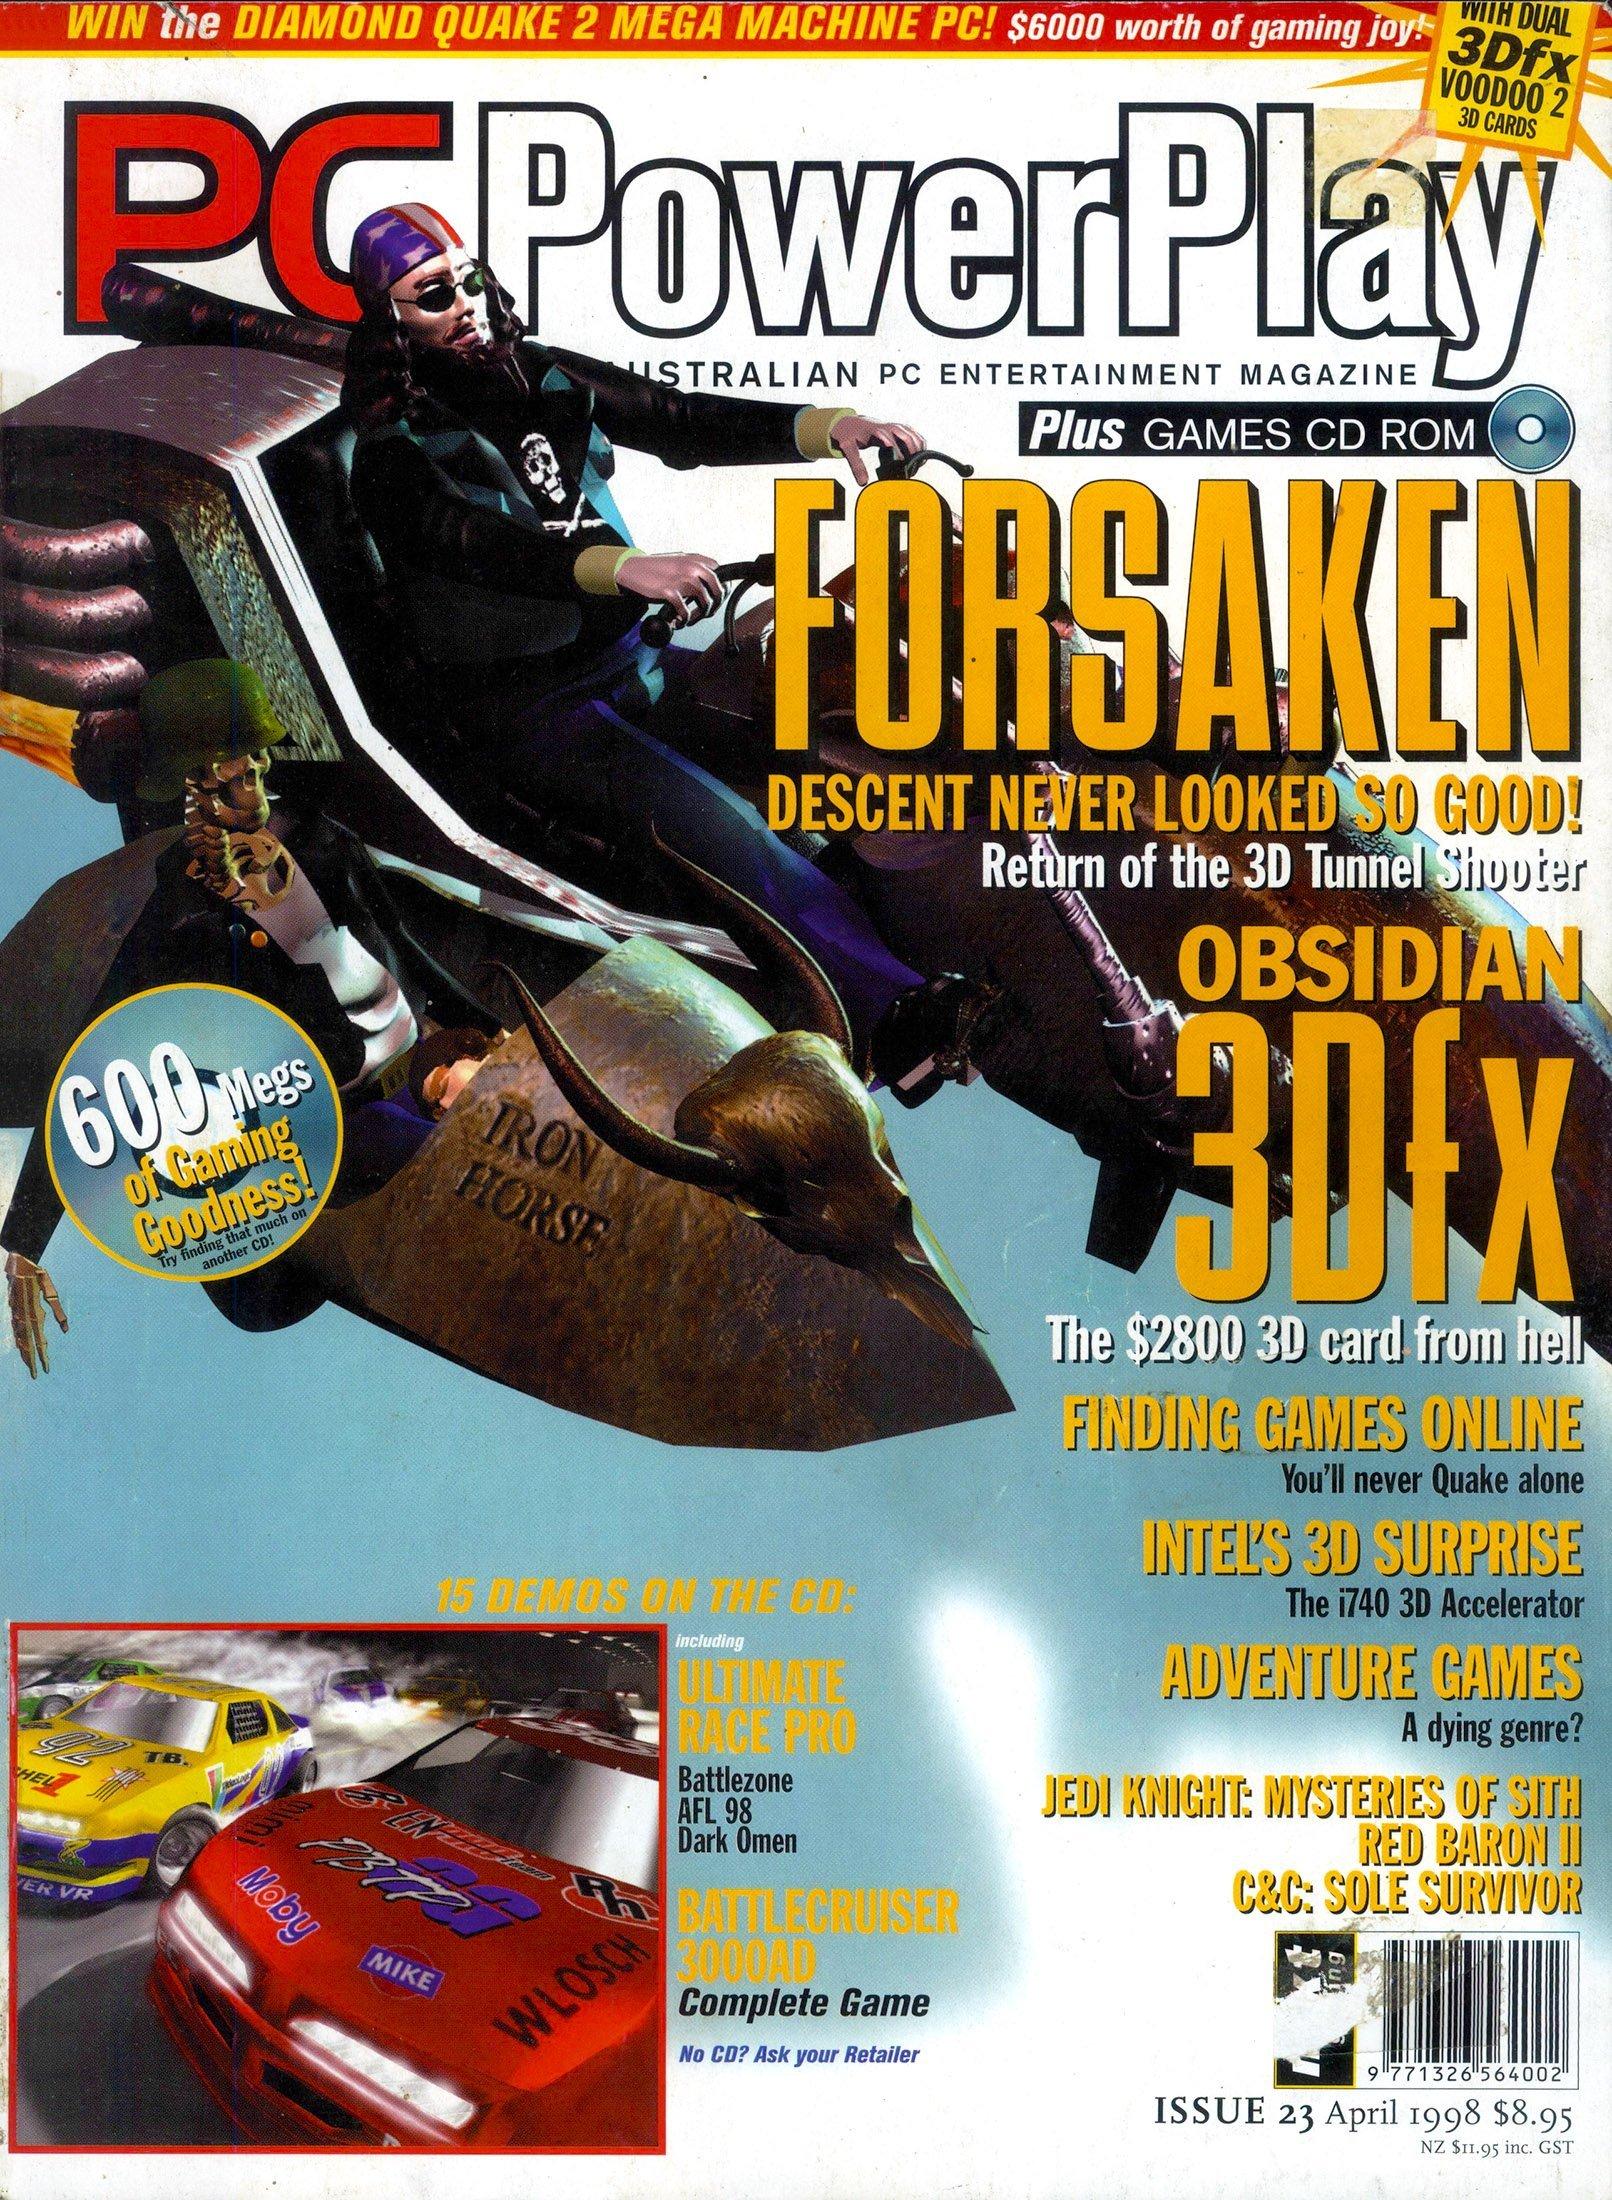 PC PowerPlay 023 (April 1998)